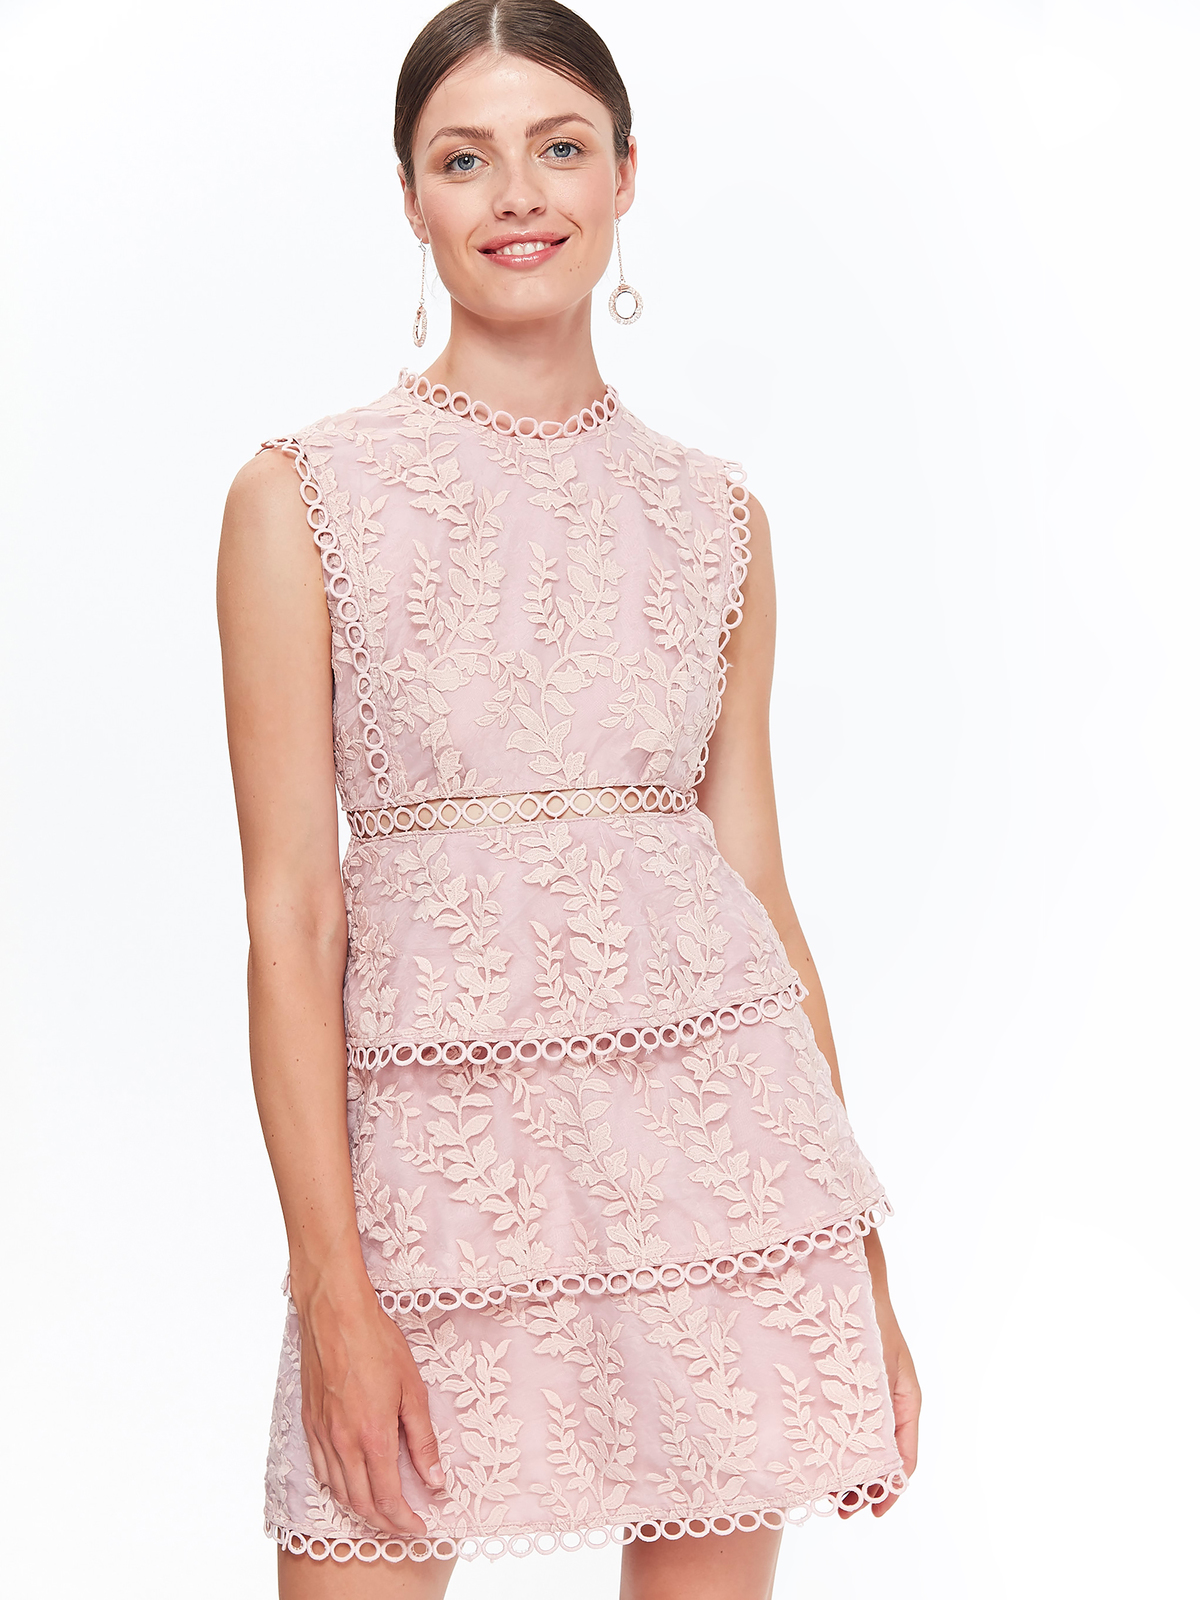 TOP SECRET TOP SECRET κομψο φορεμα με δαντελα 7fe6264f760